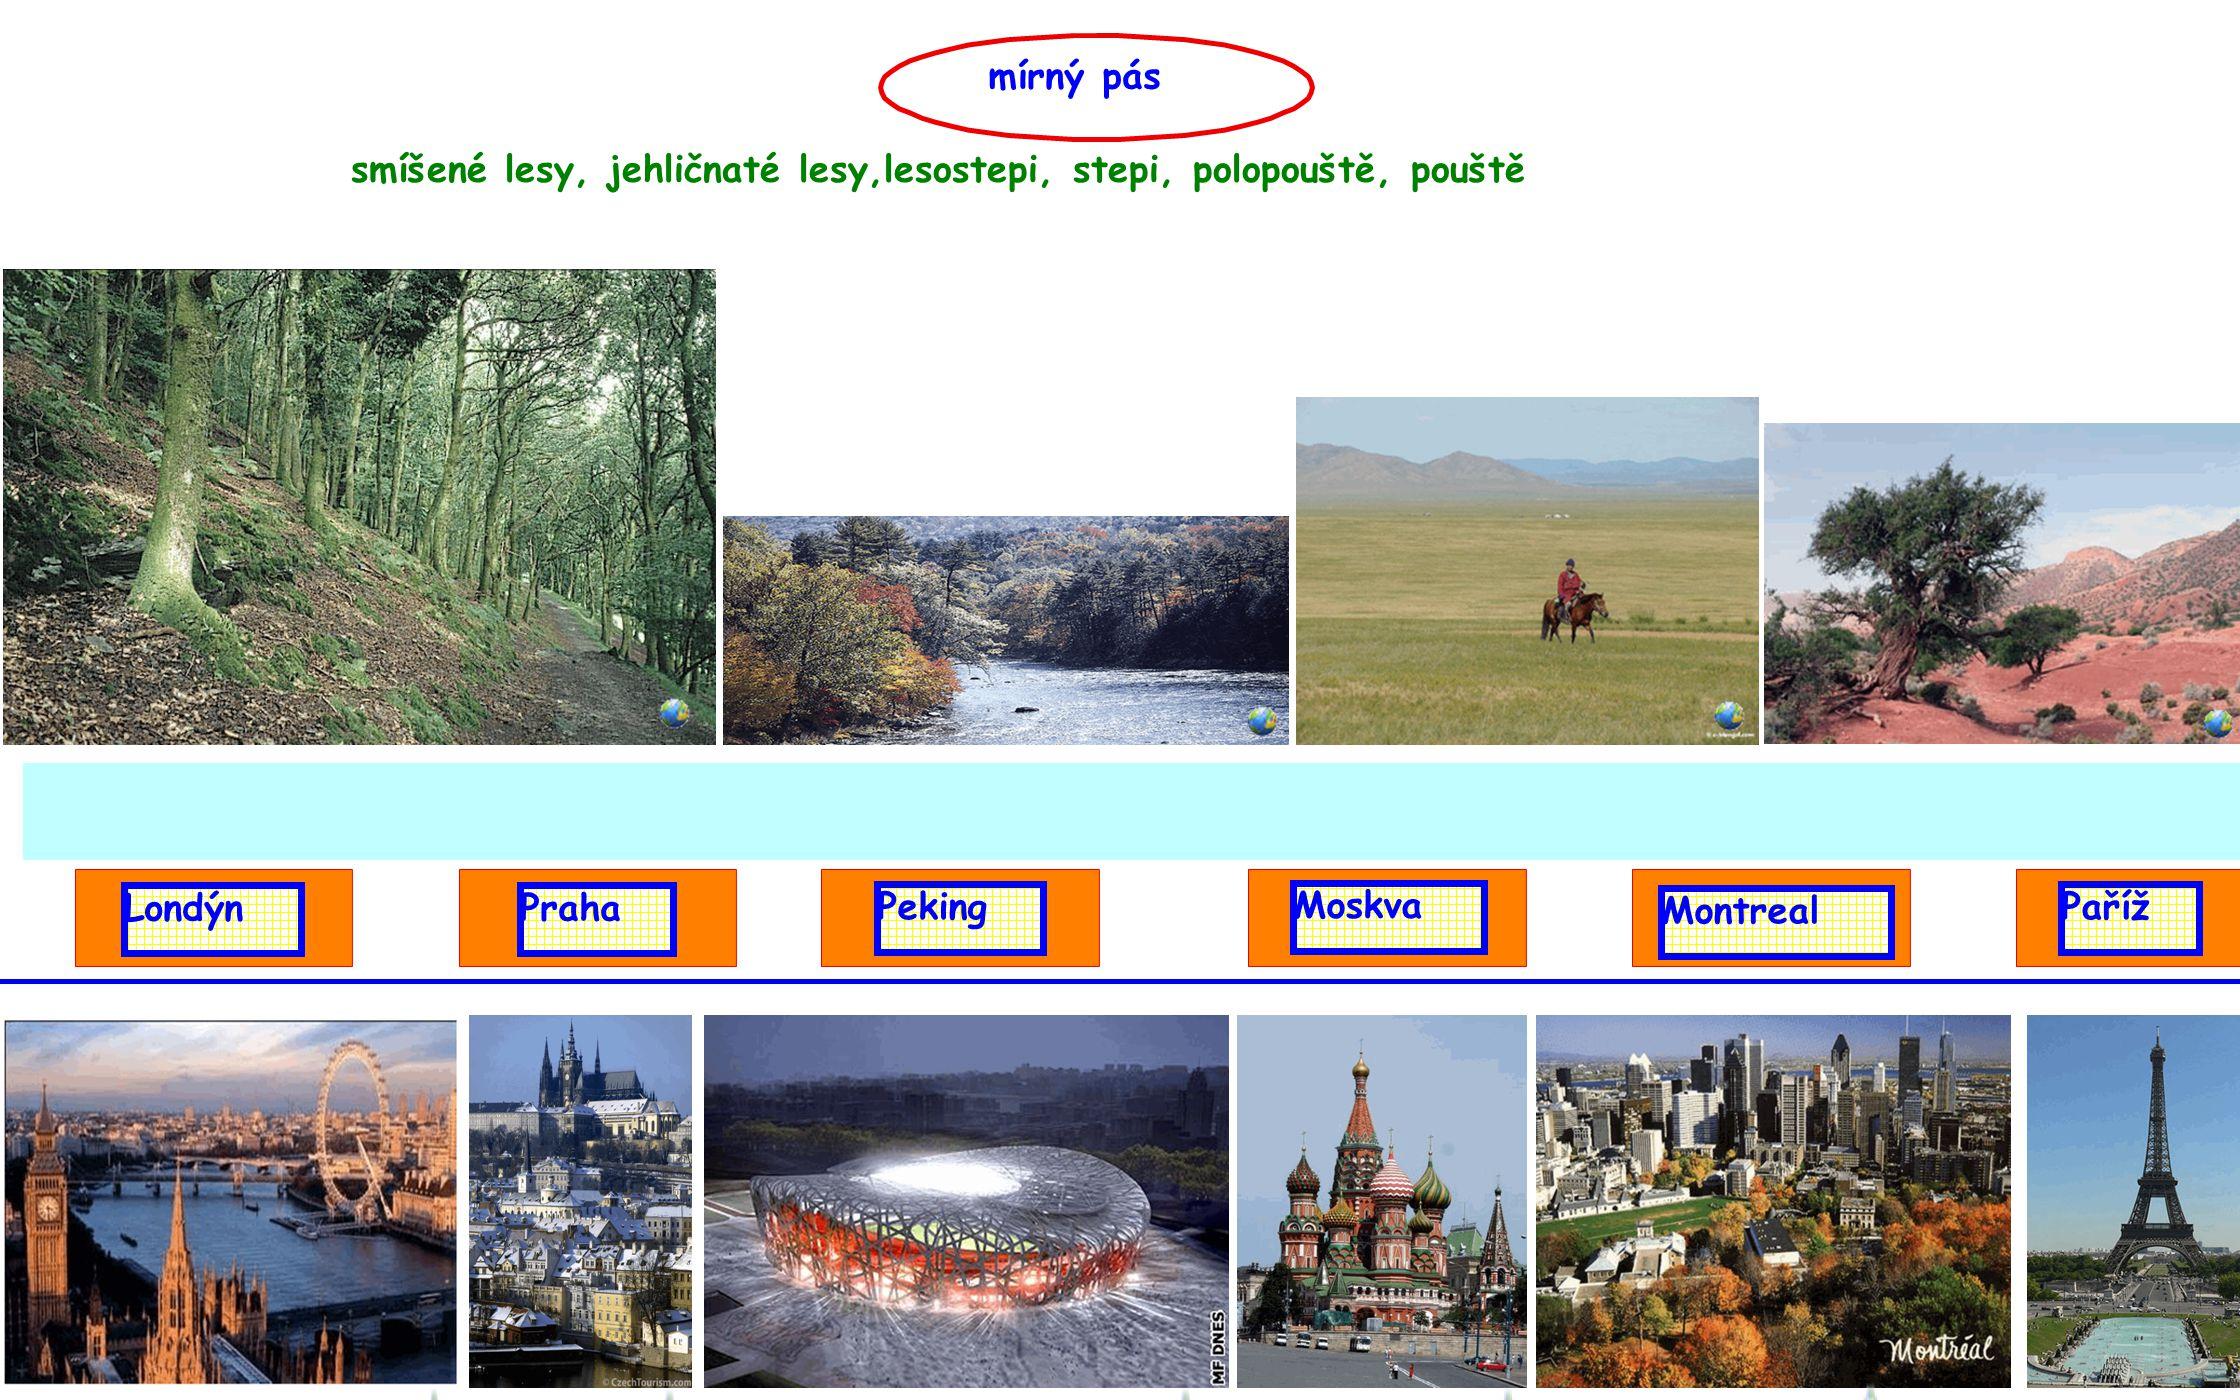 mírný pás LondýnPraha Paříž Moskva Peking Montreal smíšené lesy, jehličnaté lesy,lesostepi, stepi, polopouště, pouště